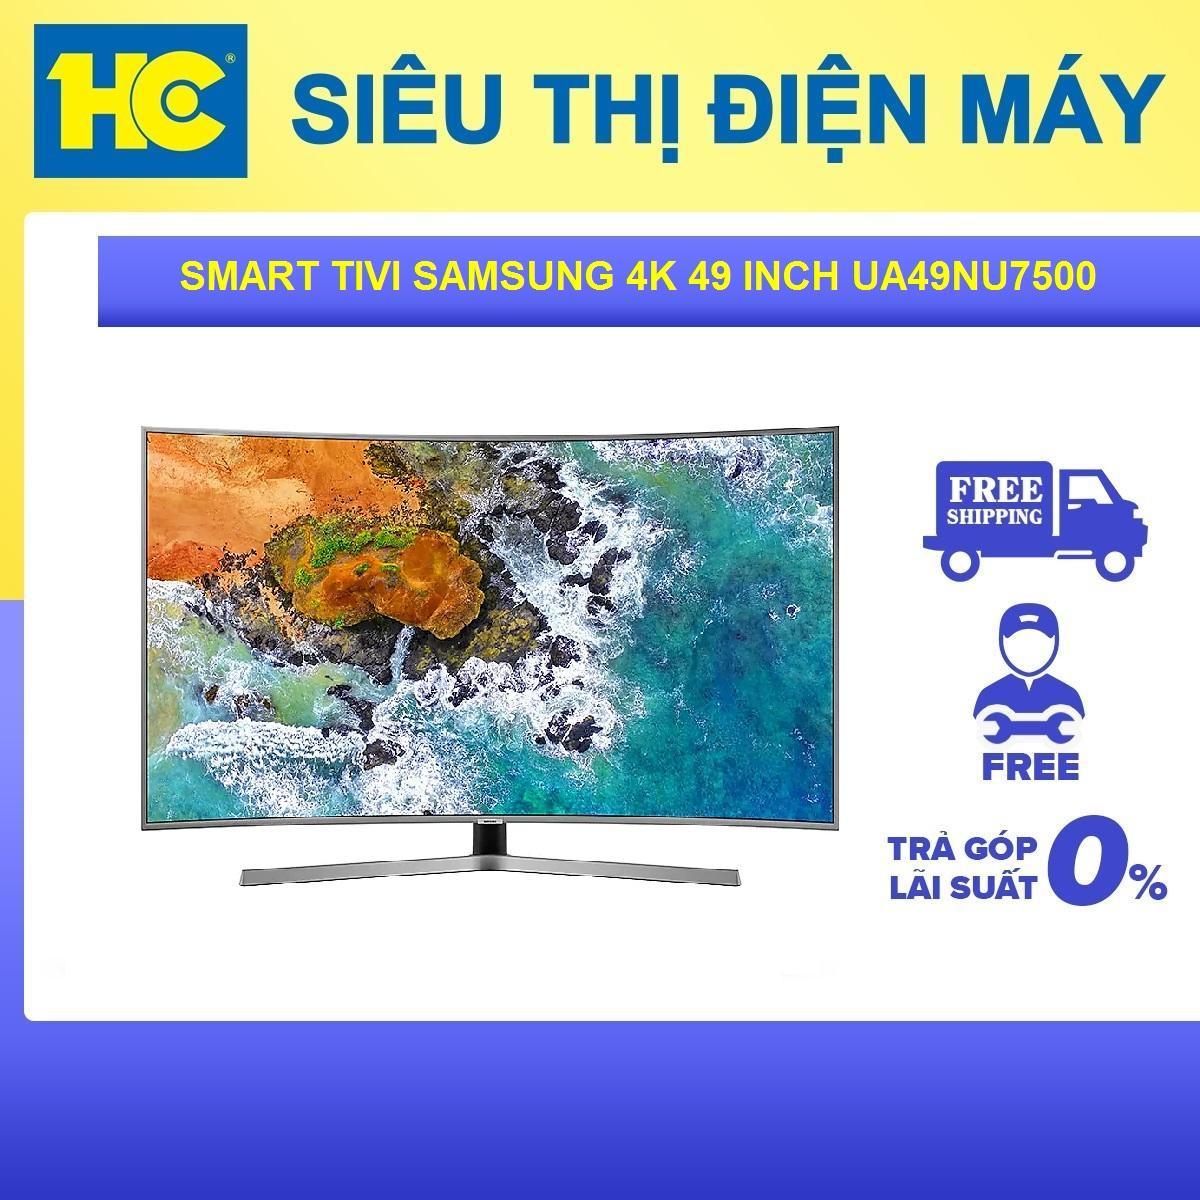 Bảng giá Smart Tivi Samsung 49 inch 4K UA49NU7500KXXV - Bảo hành 2 năm - Miễn phí vận chuyển & lắp đặt - hỗ trợ trả góp